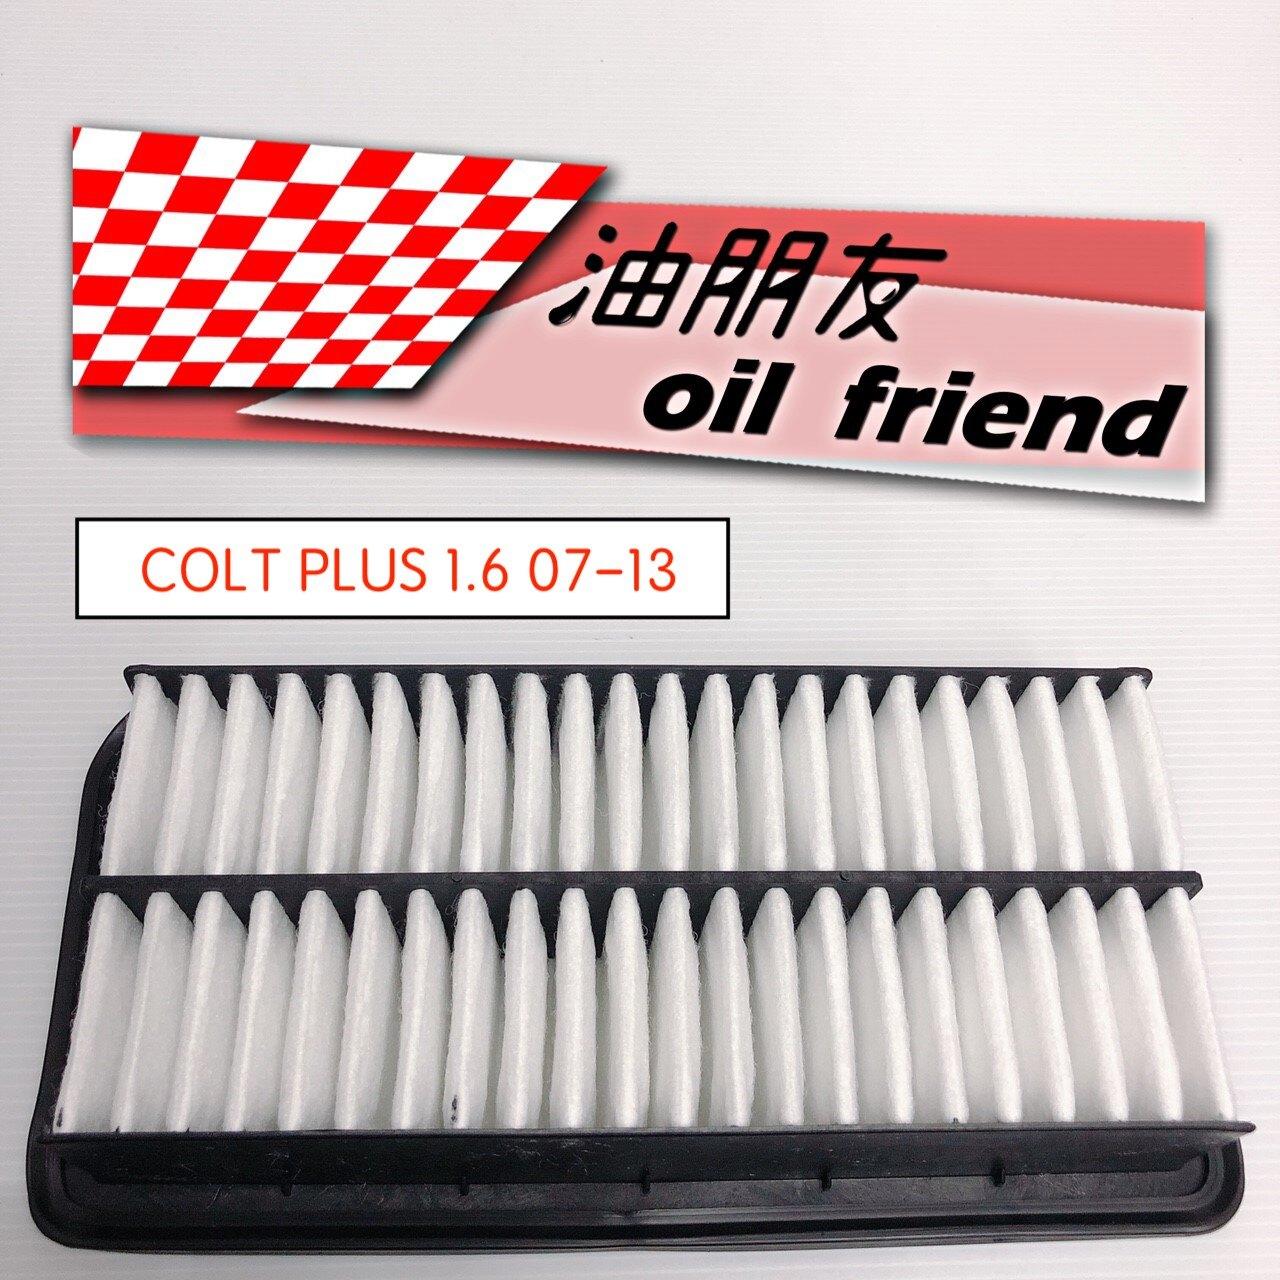 -油朋友- 三菱 MITSUBISHI COLT PLUS 1.6 07-13 空氣濾網 可魯多 空氣濾芯 空氣芯